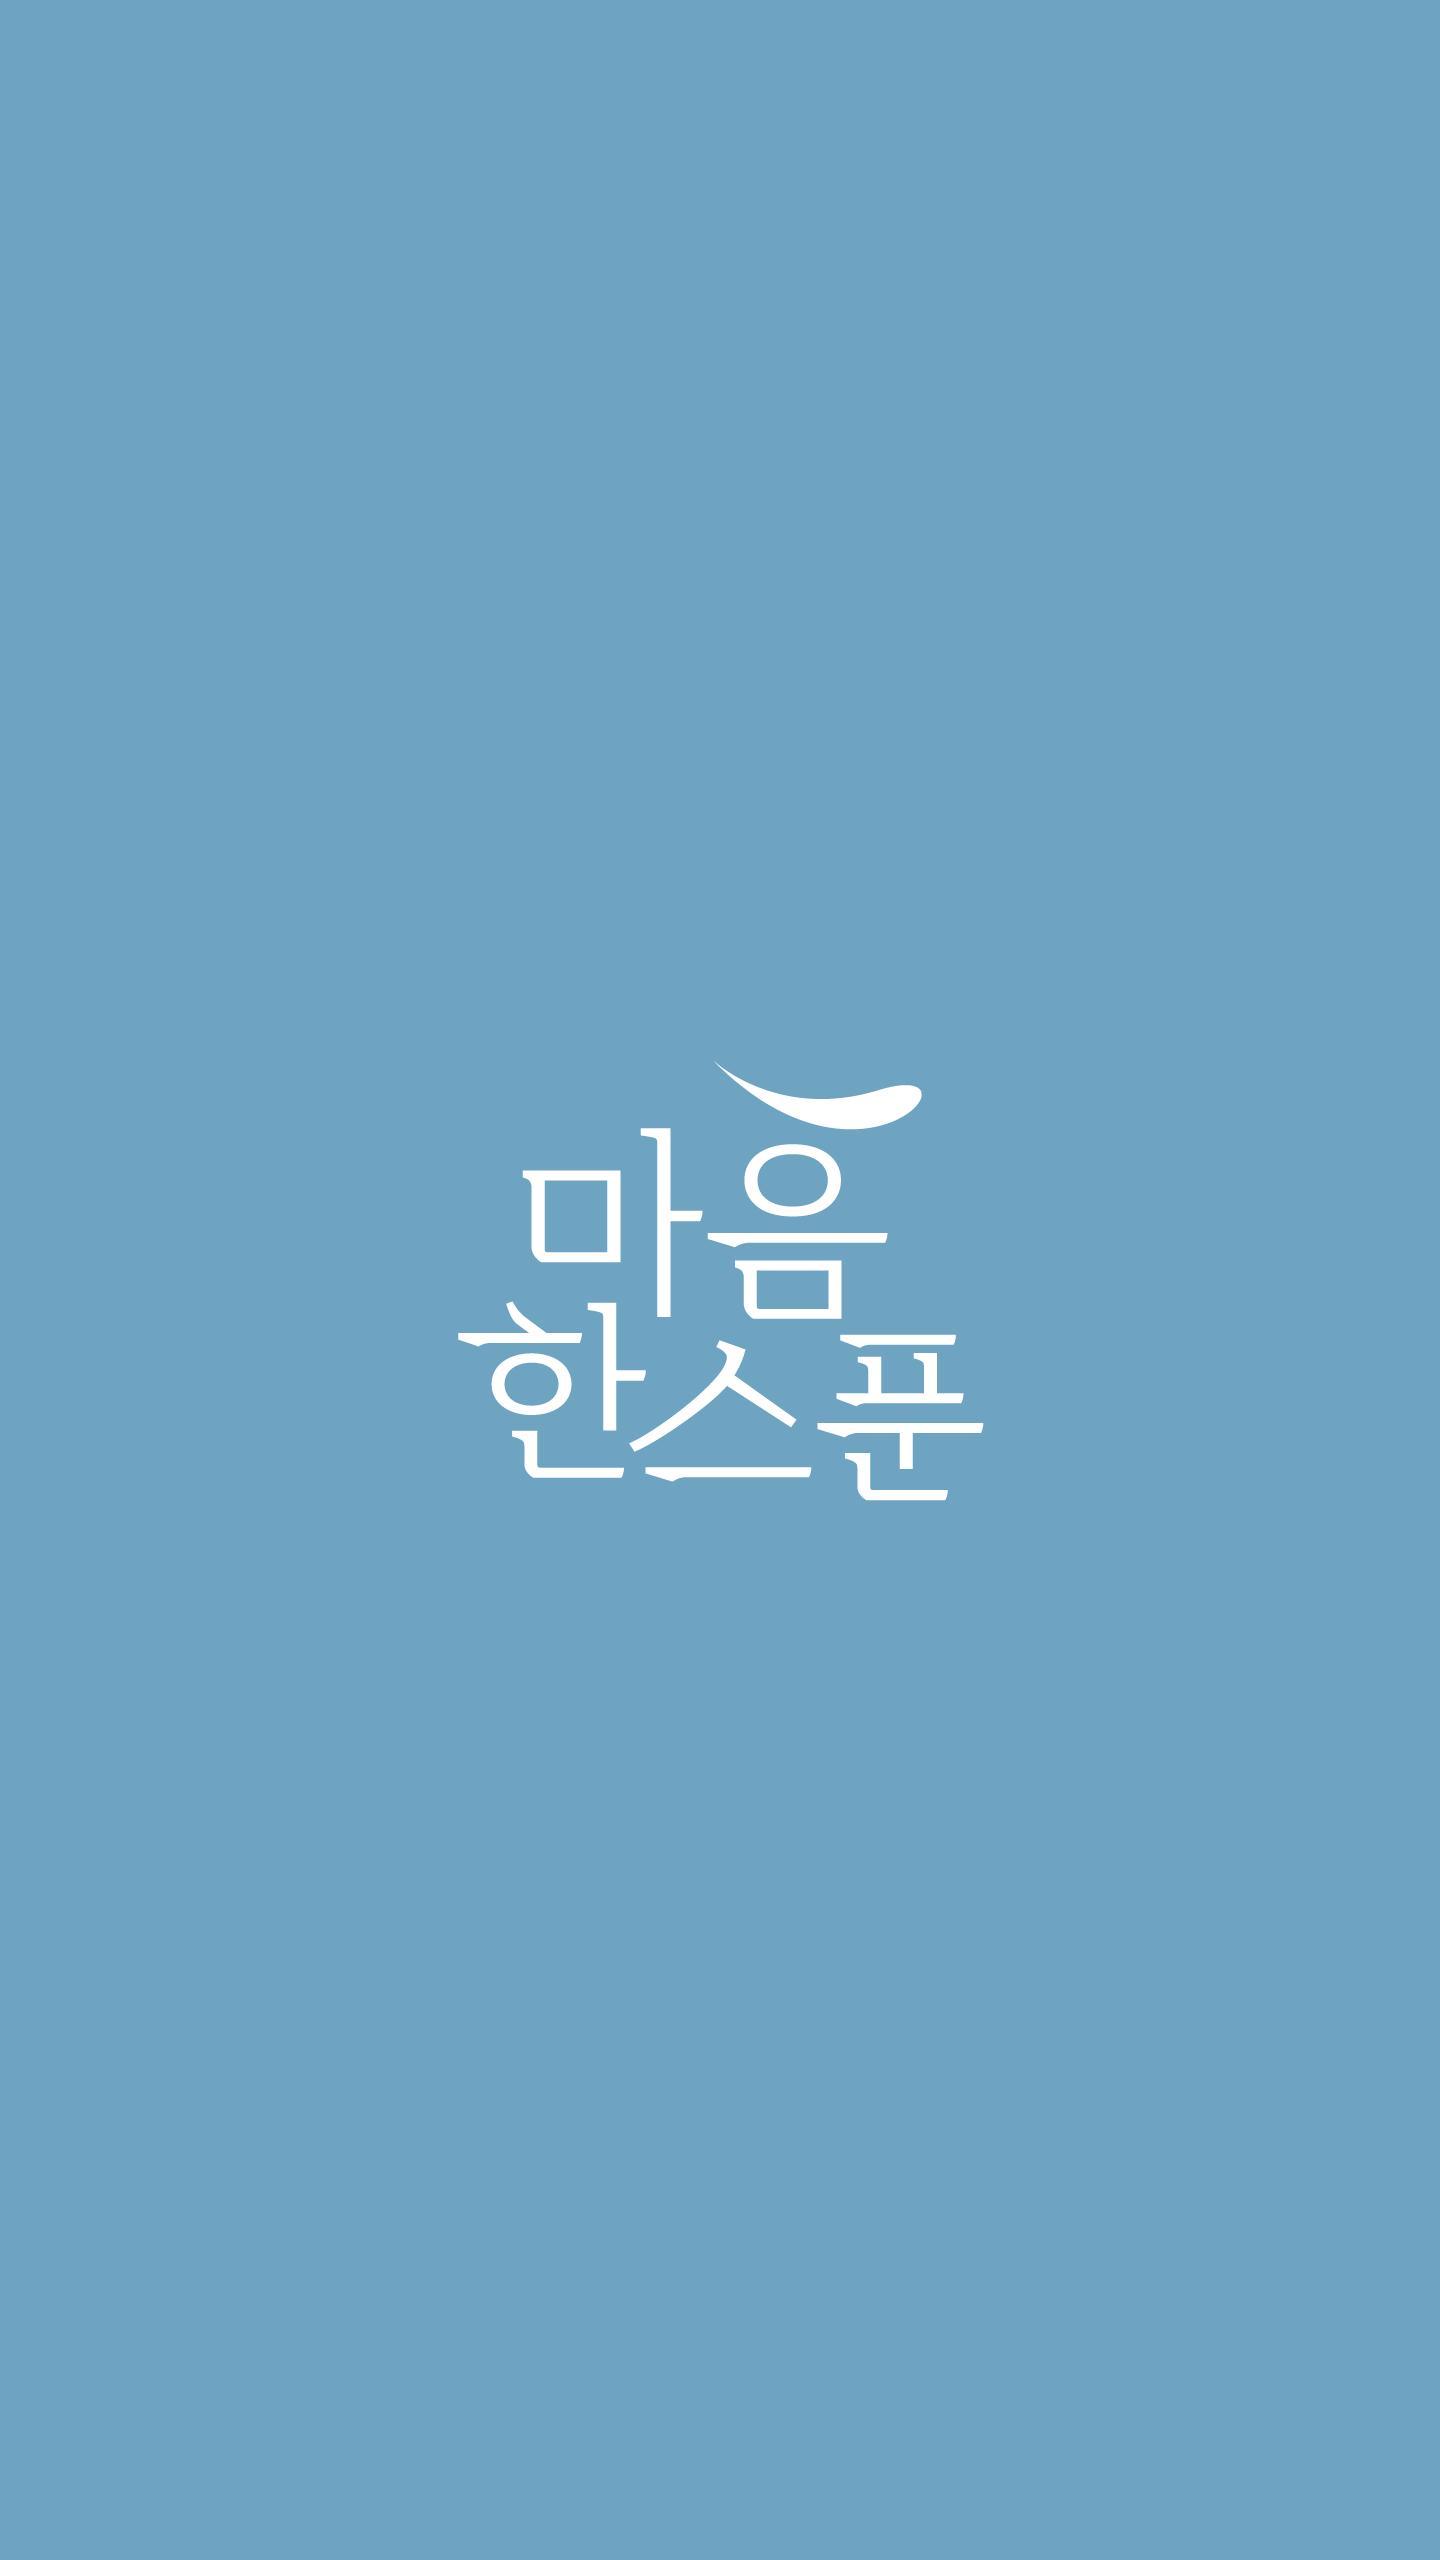 마음한스푼 - 좋은글, 명언, 위로, 성공, 사랑, 감동글 poster